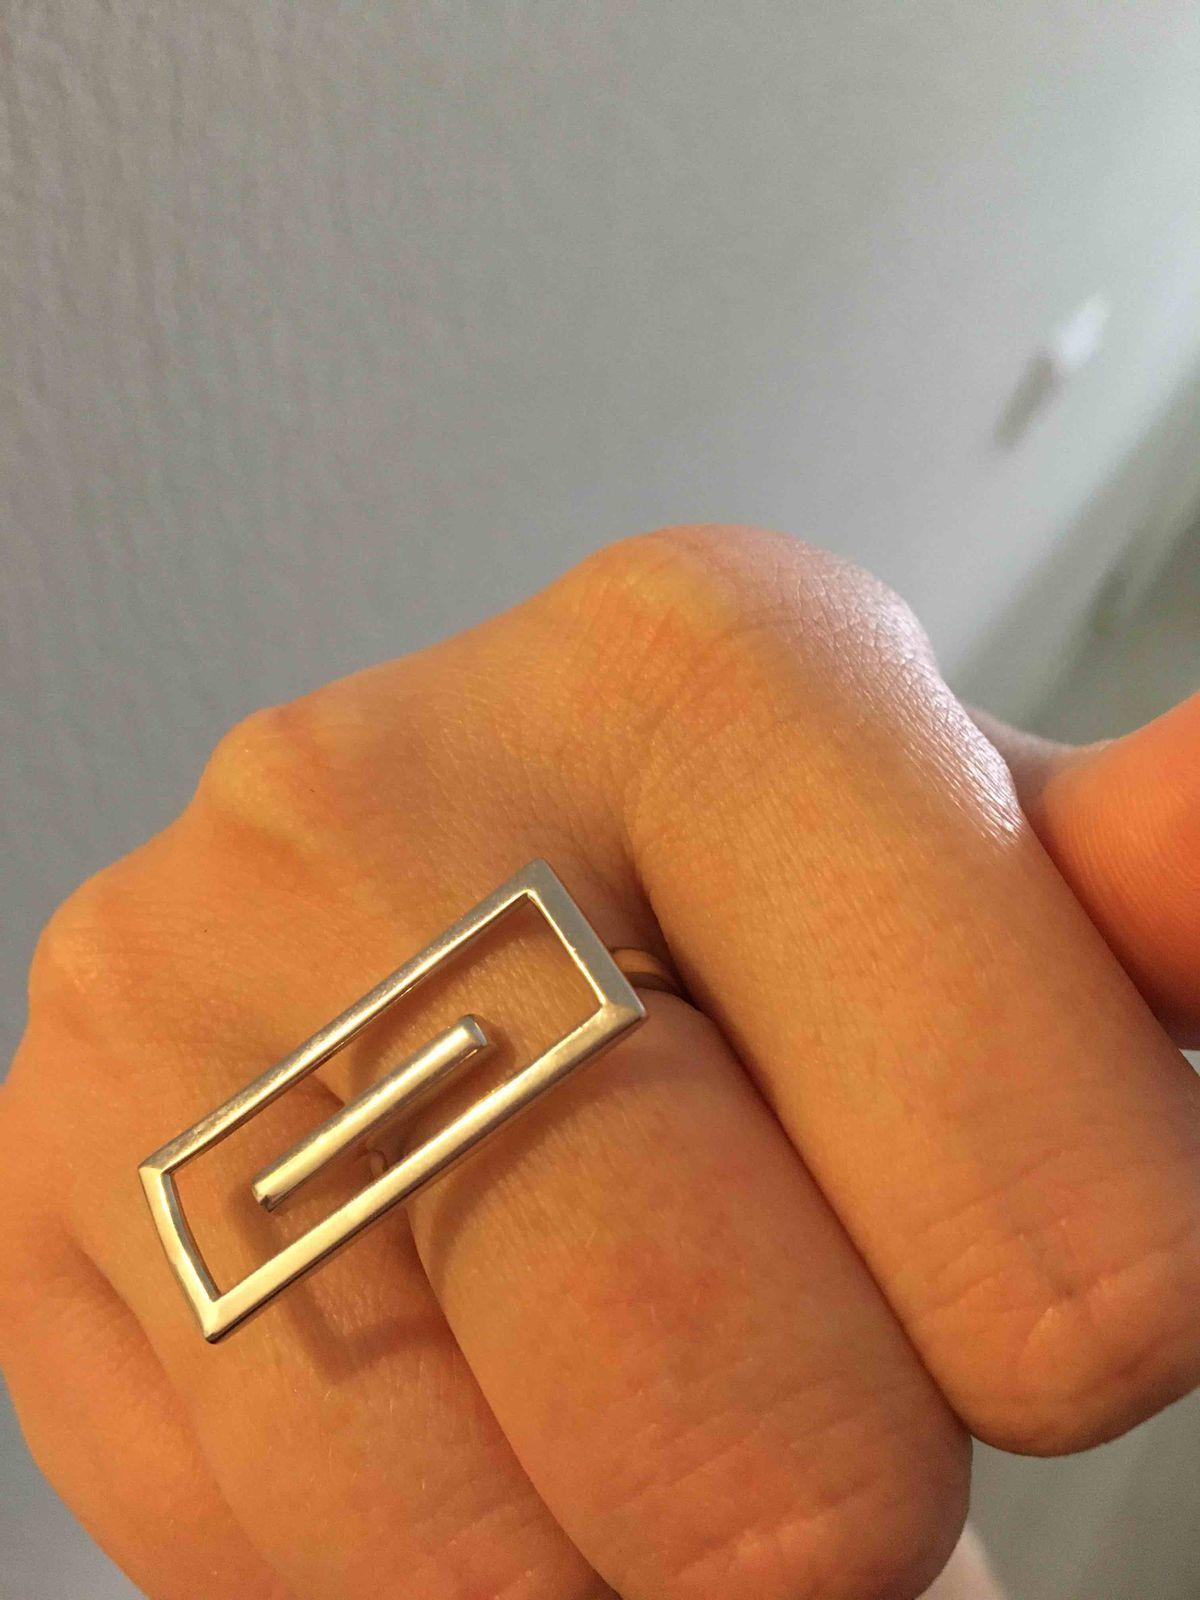 Кольцо смотрится очень стильно ,подходит под различные образы!Спасибо!